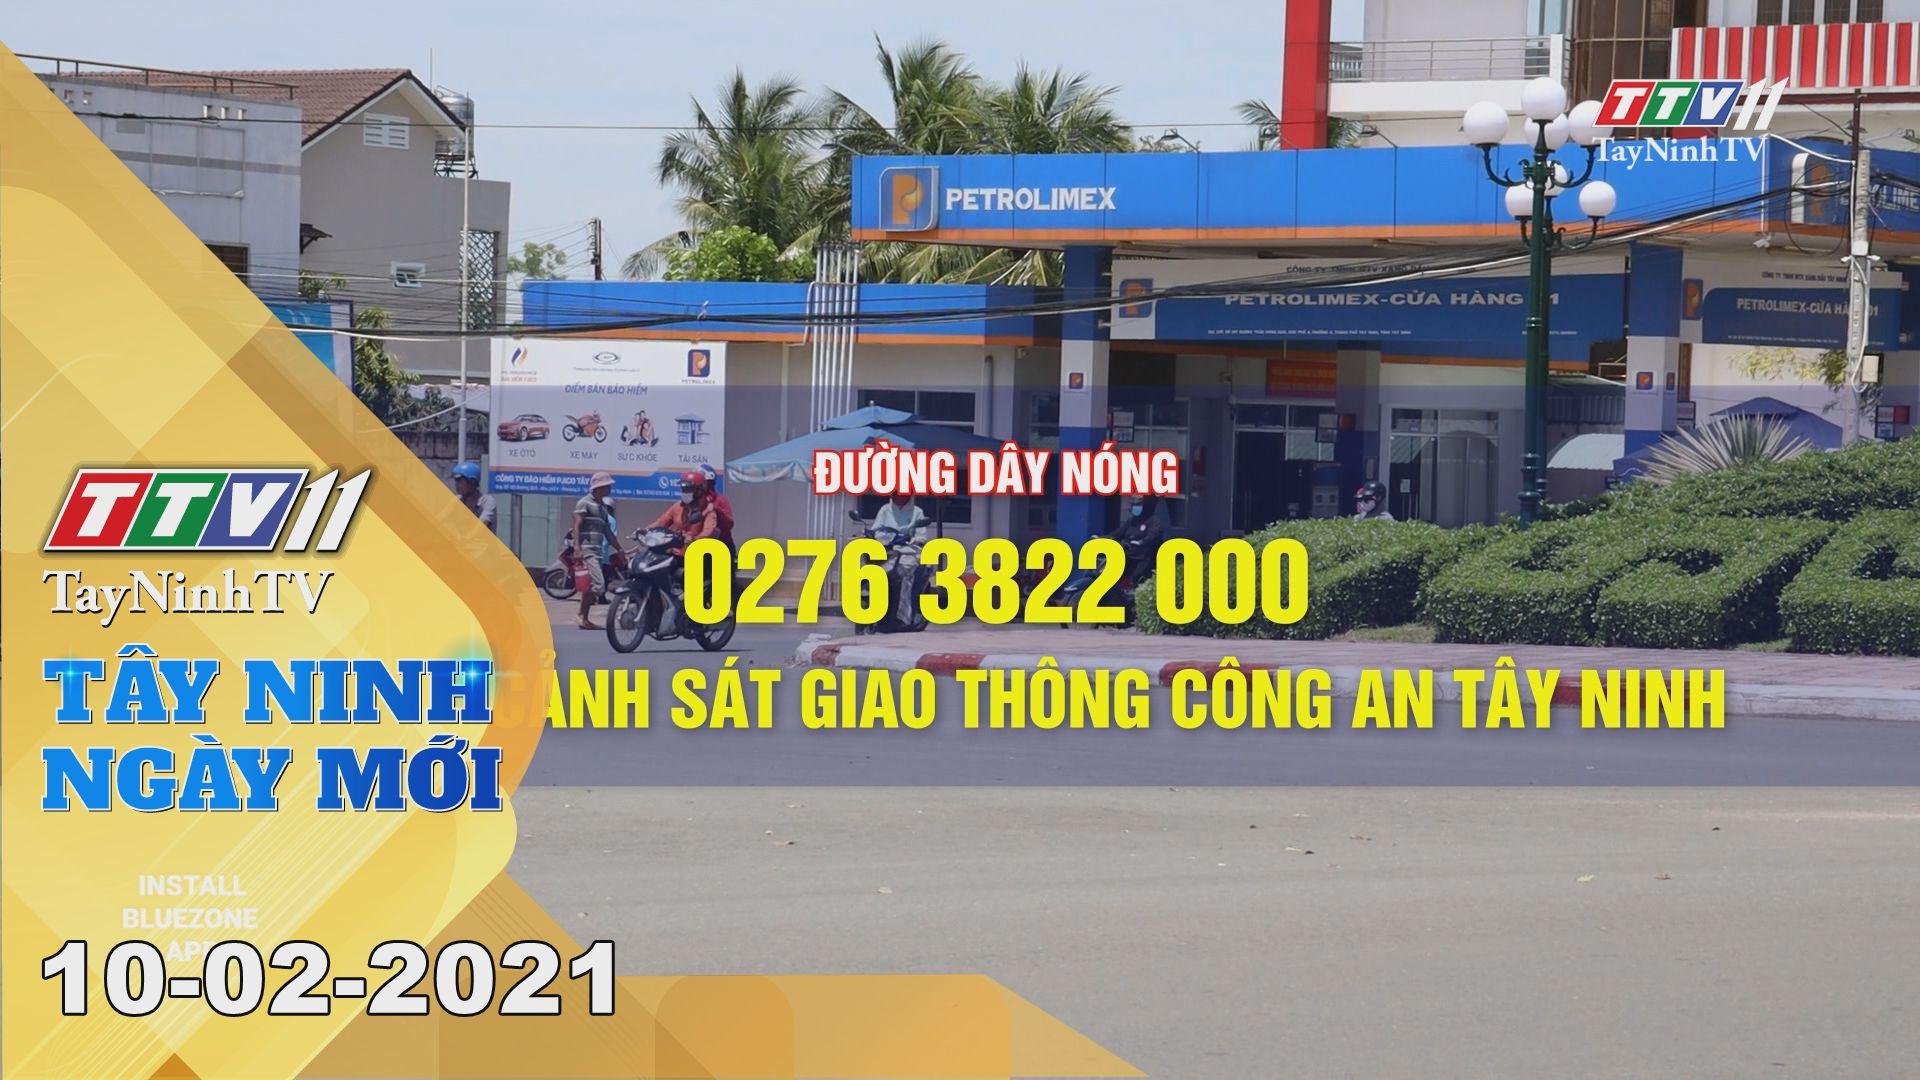 Tây Ninh Ngày Mới 10-02-2021   Tin tức hôm nay   TayNinhTV